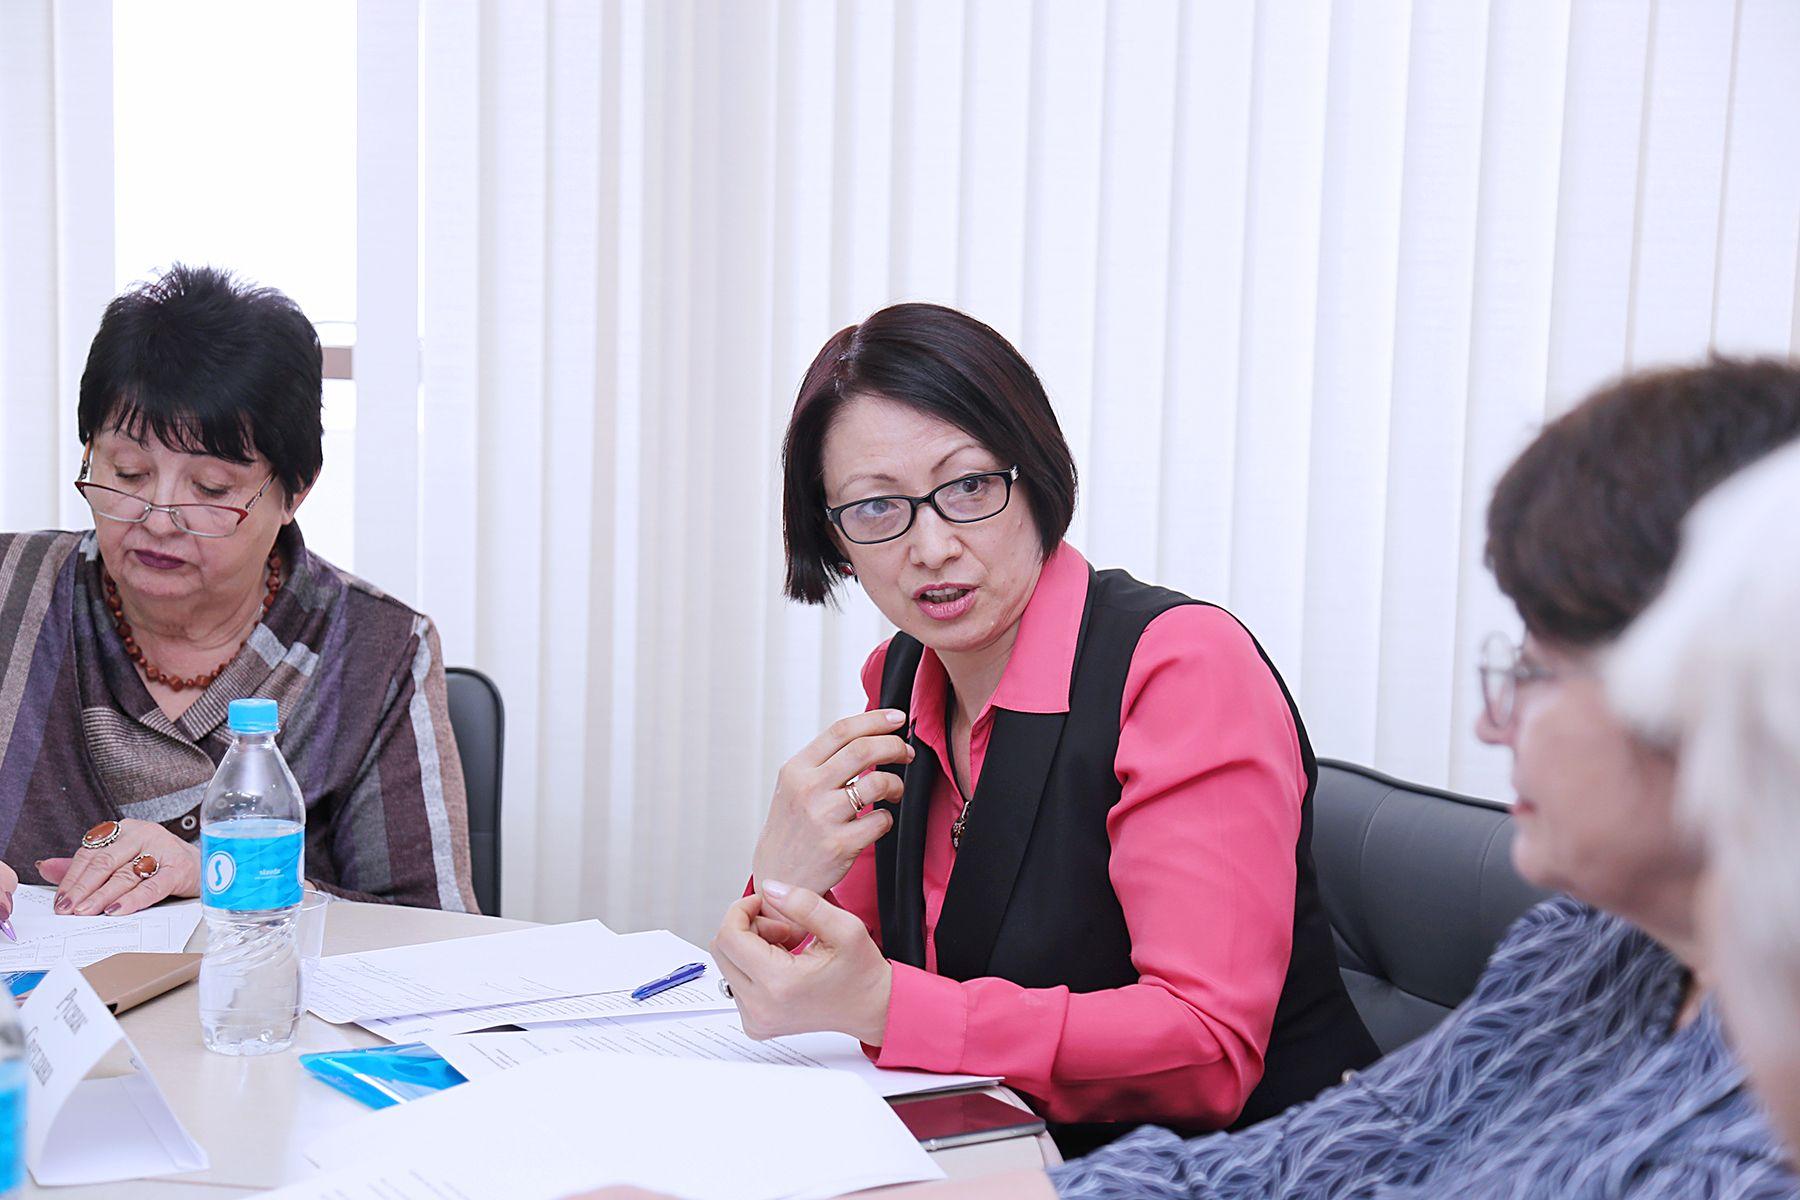 Профиль «Имиджмейкерские услуги» для студентов ВГУЭС скорректируют под работодателя